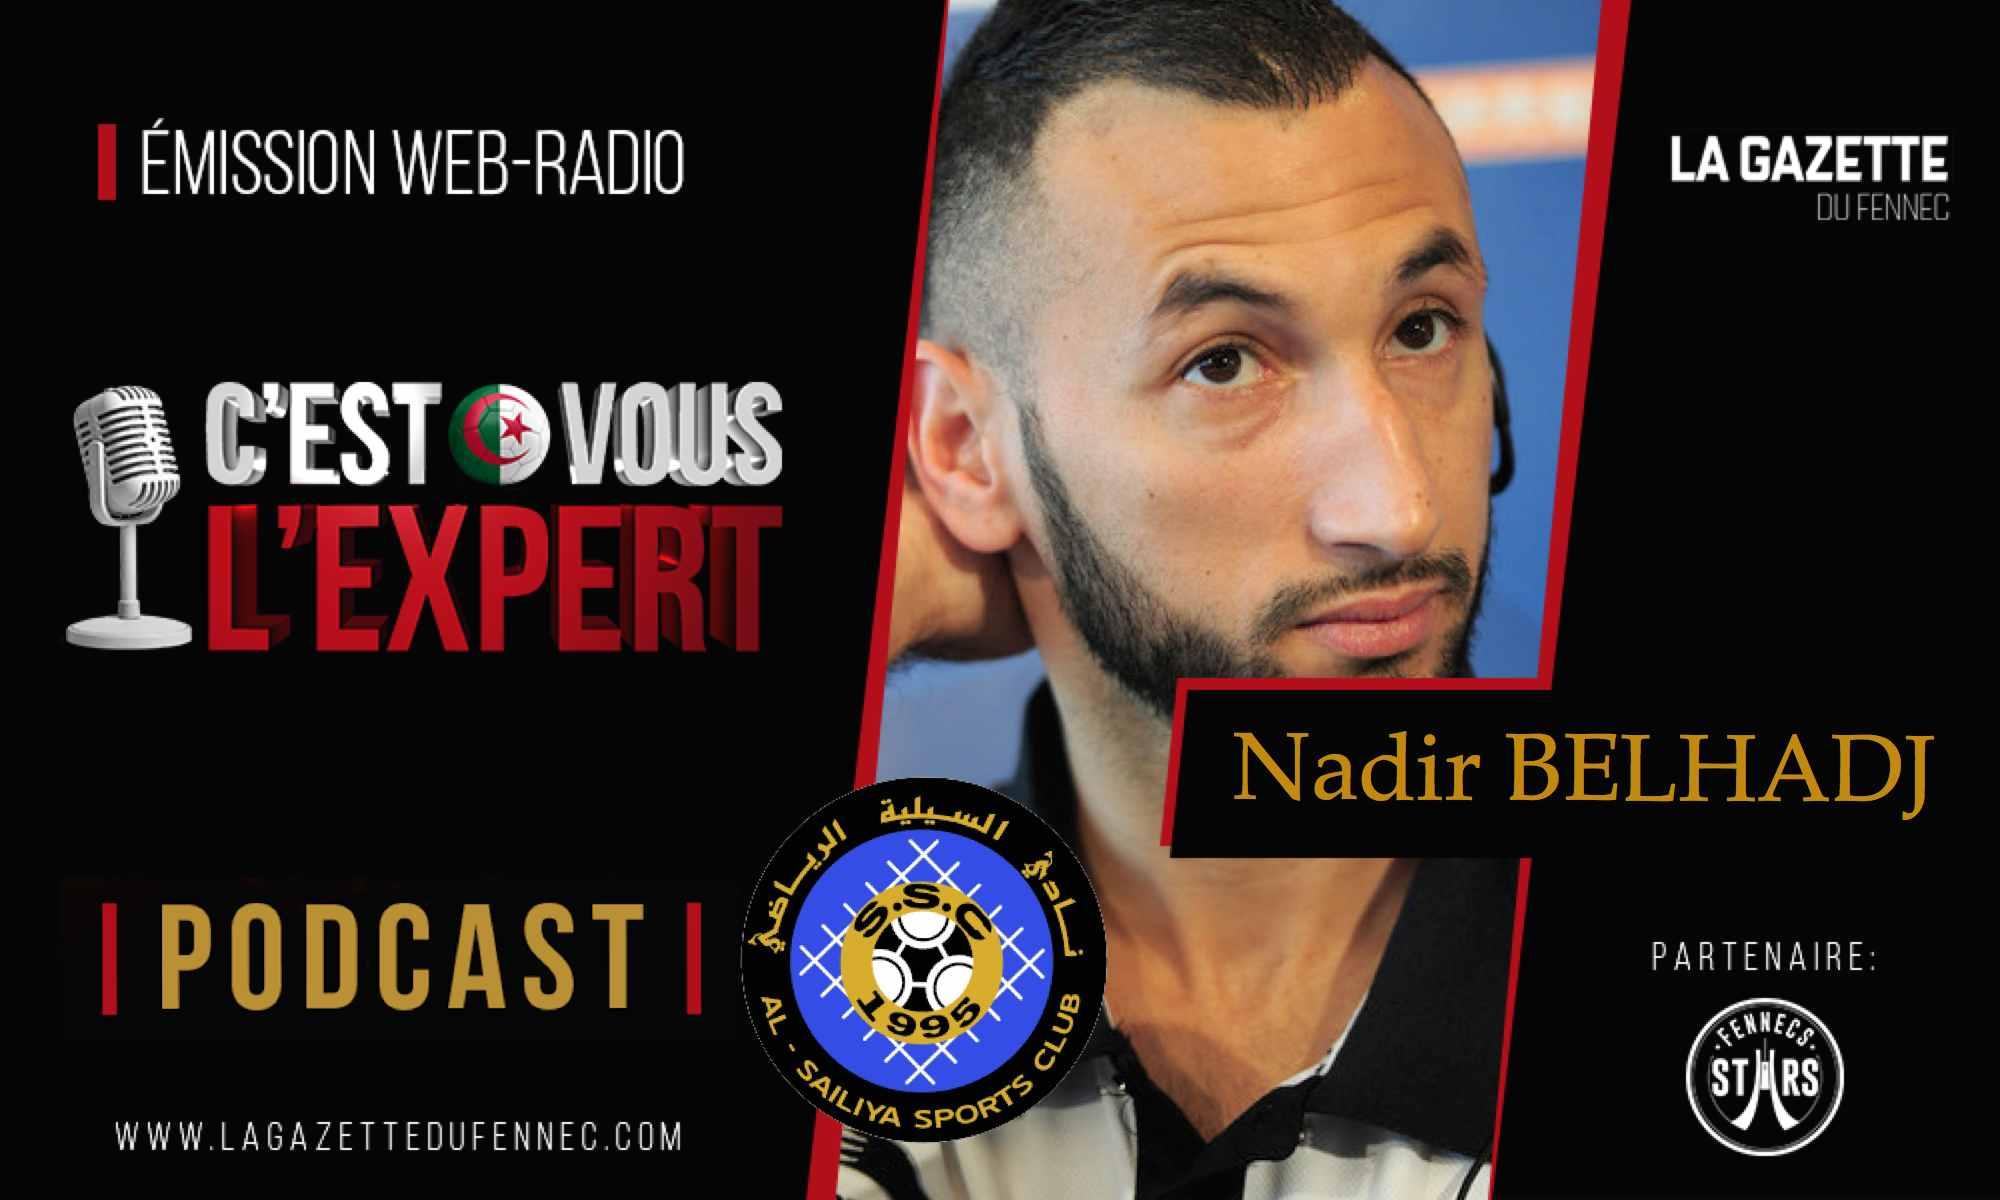 podcast nadir belhadj